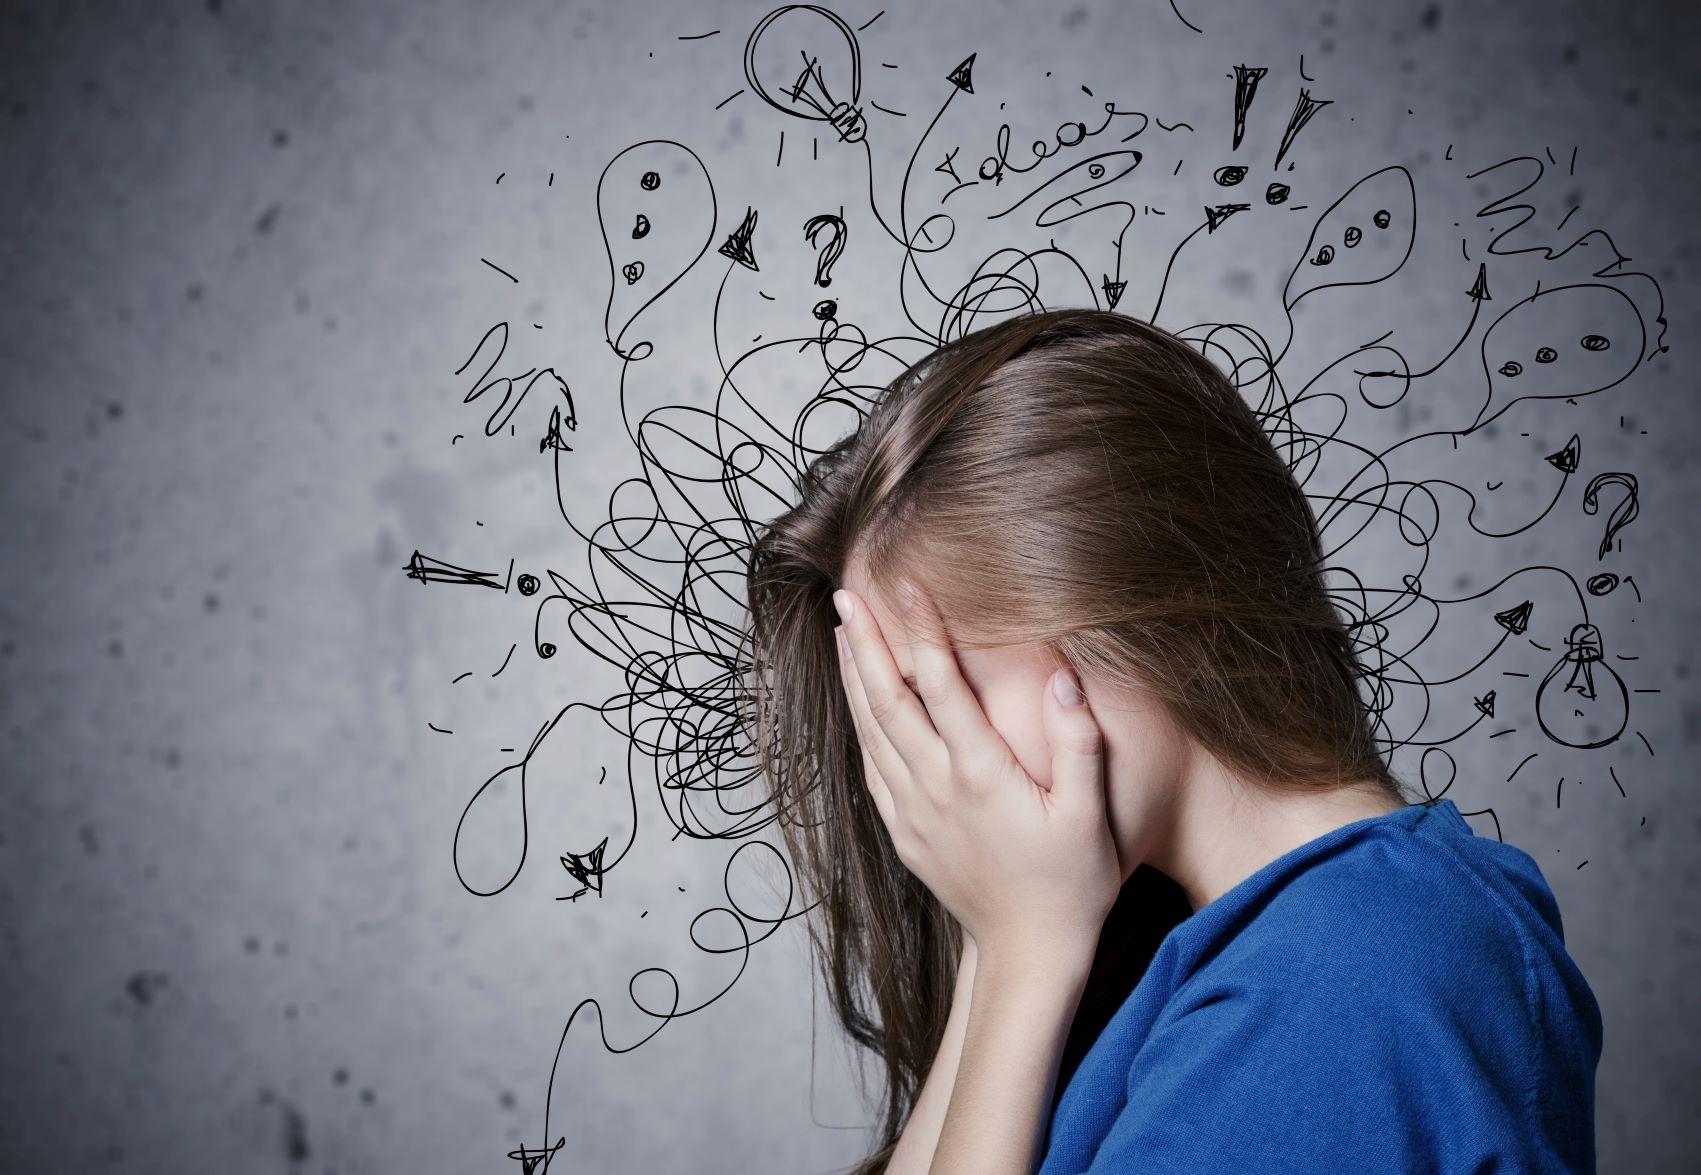 Kind mit chaotischen Gedanken